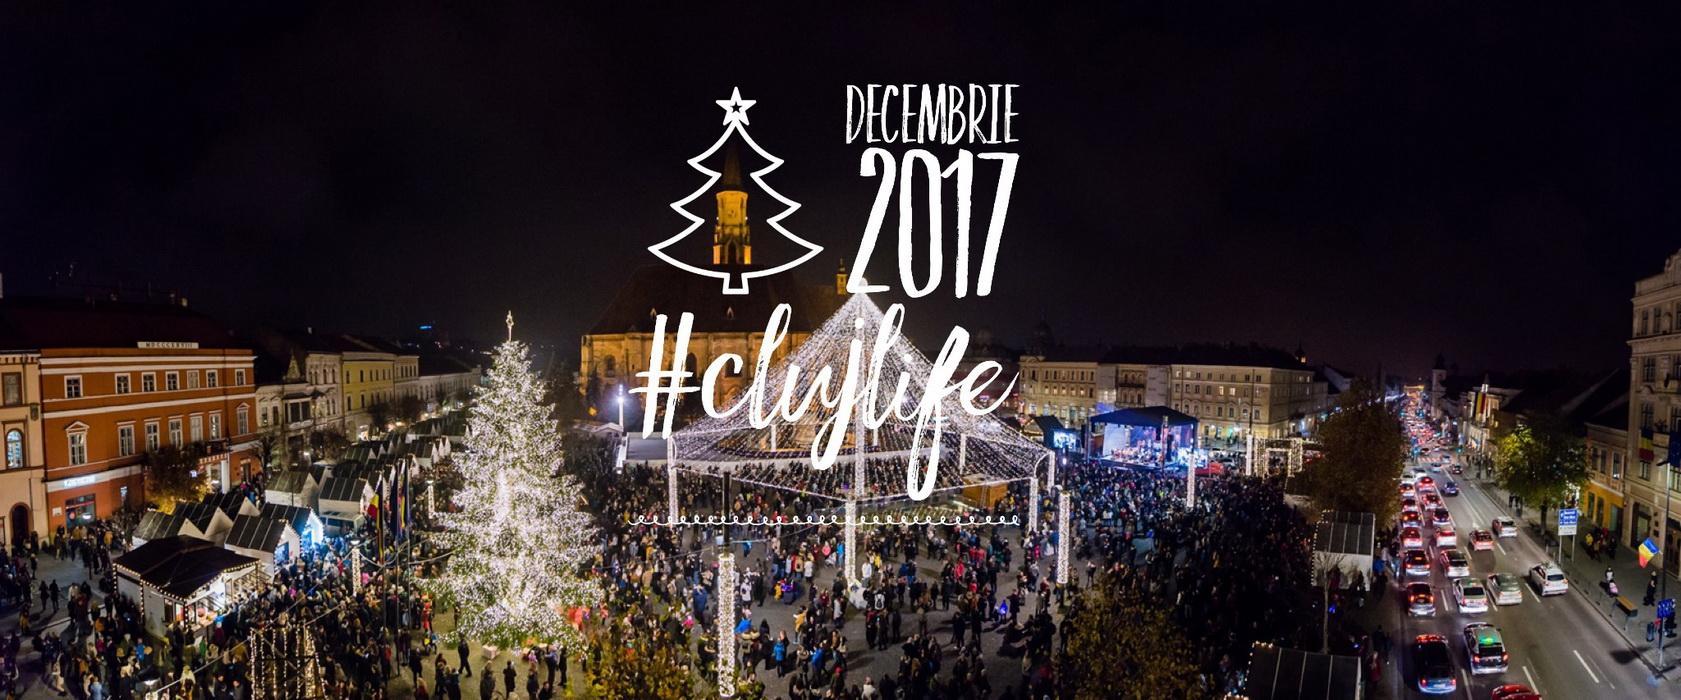 15 evenimente de neratat în decembrie la Cluj